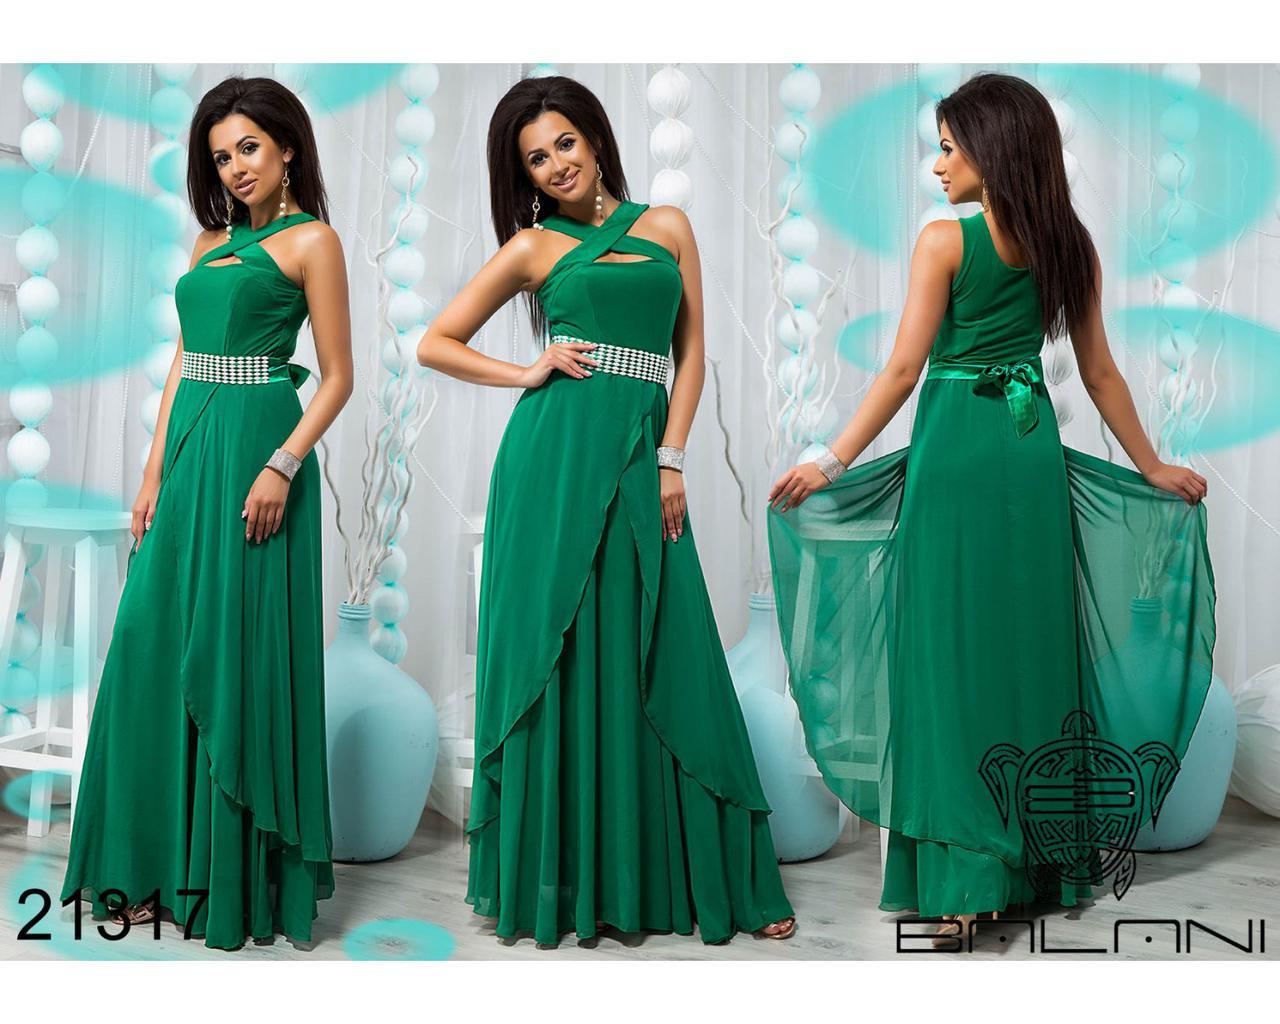 4ff374893c7 Нарядное вечернее платье на выпускной недорого Производитель Украина  интернет-магазин Россия СНГ р.42-46